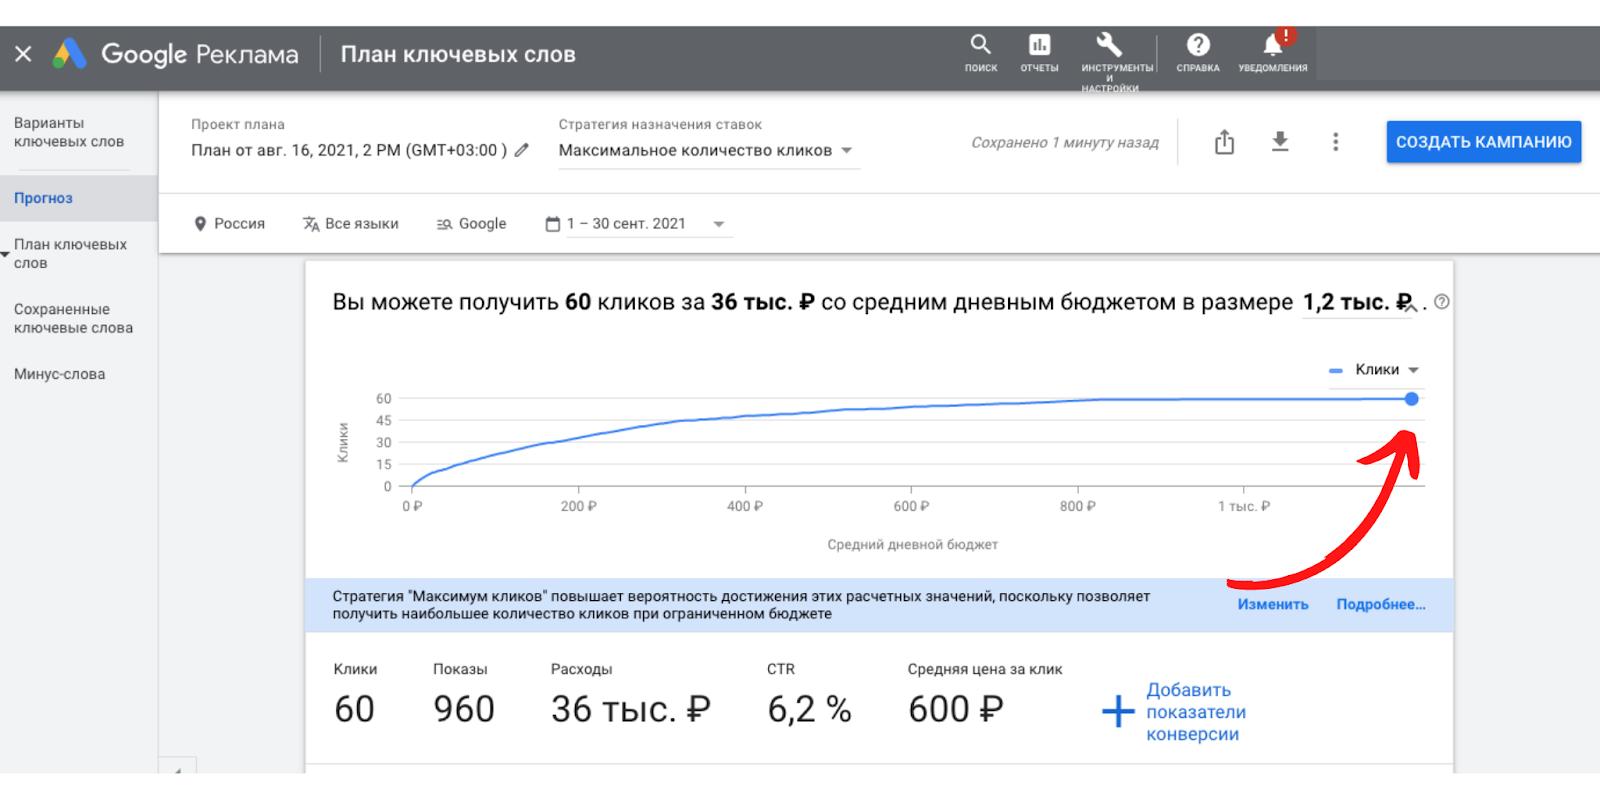 Прогноз стоимости рекламной кампании в Google Ads